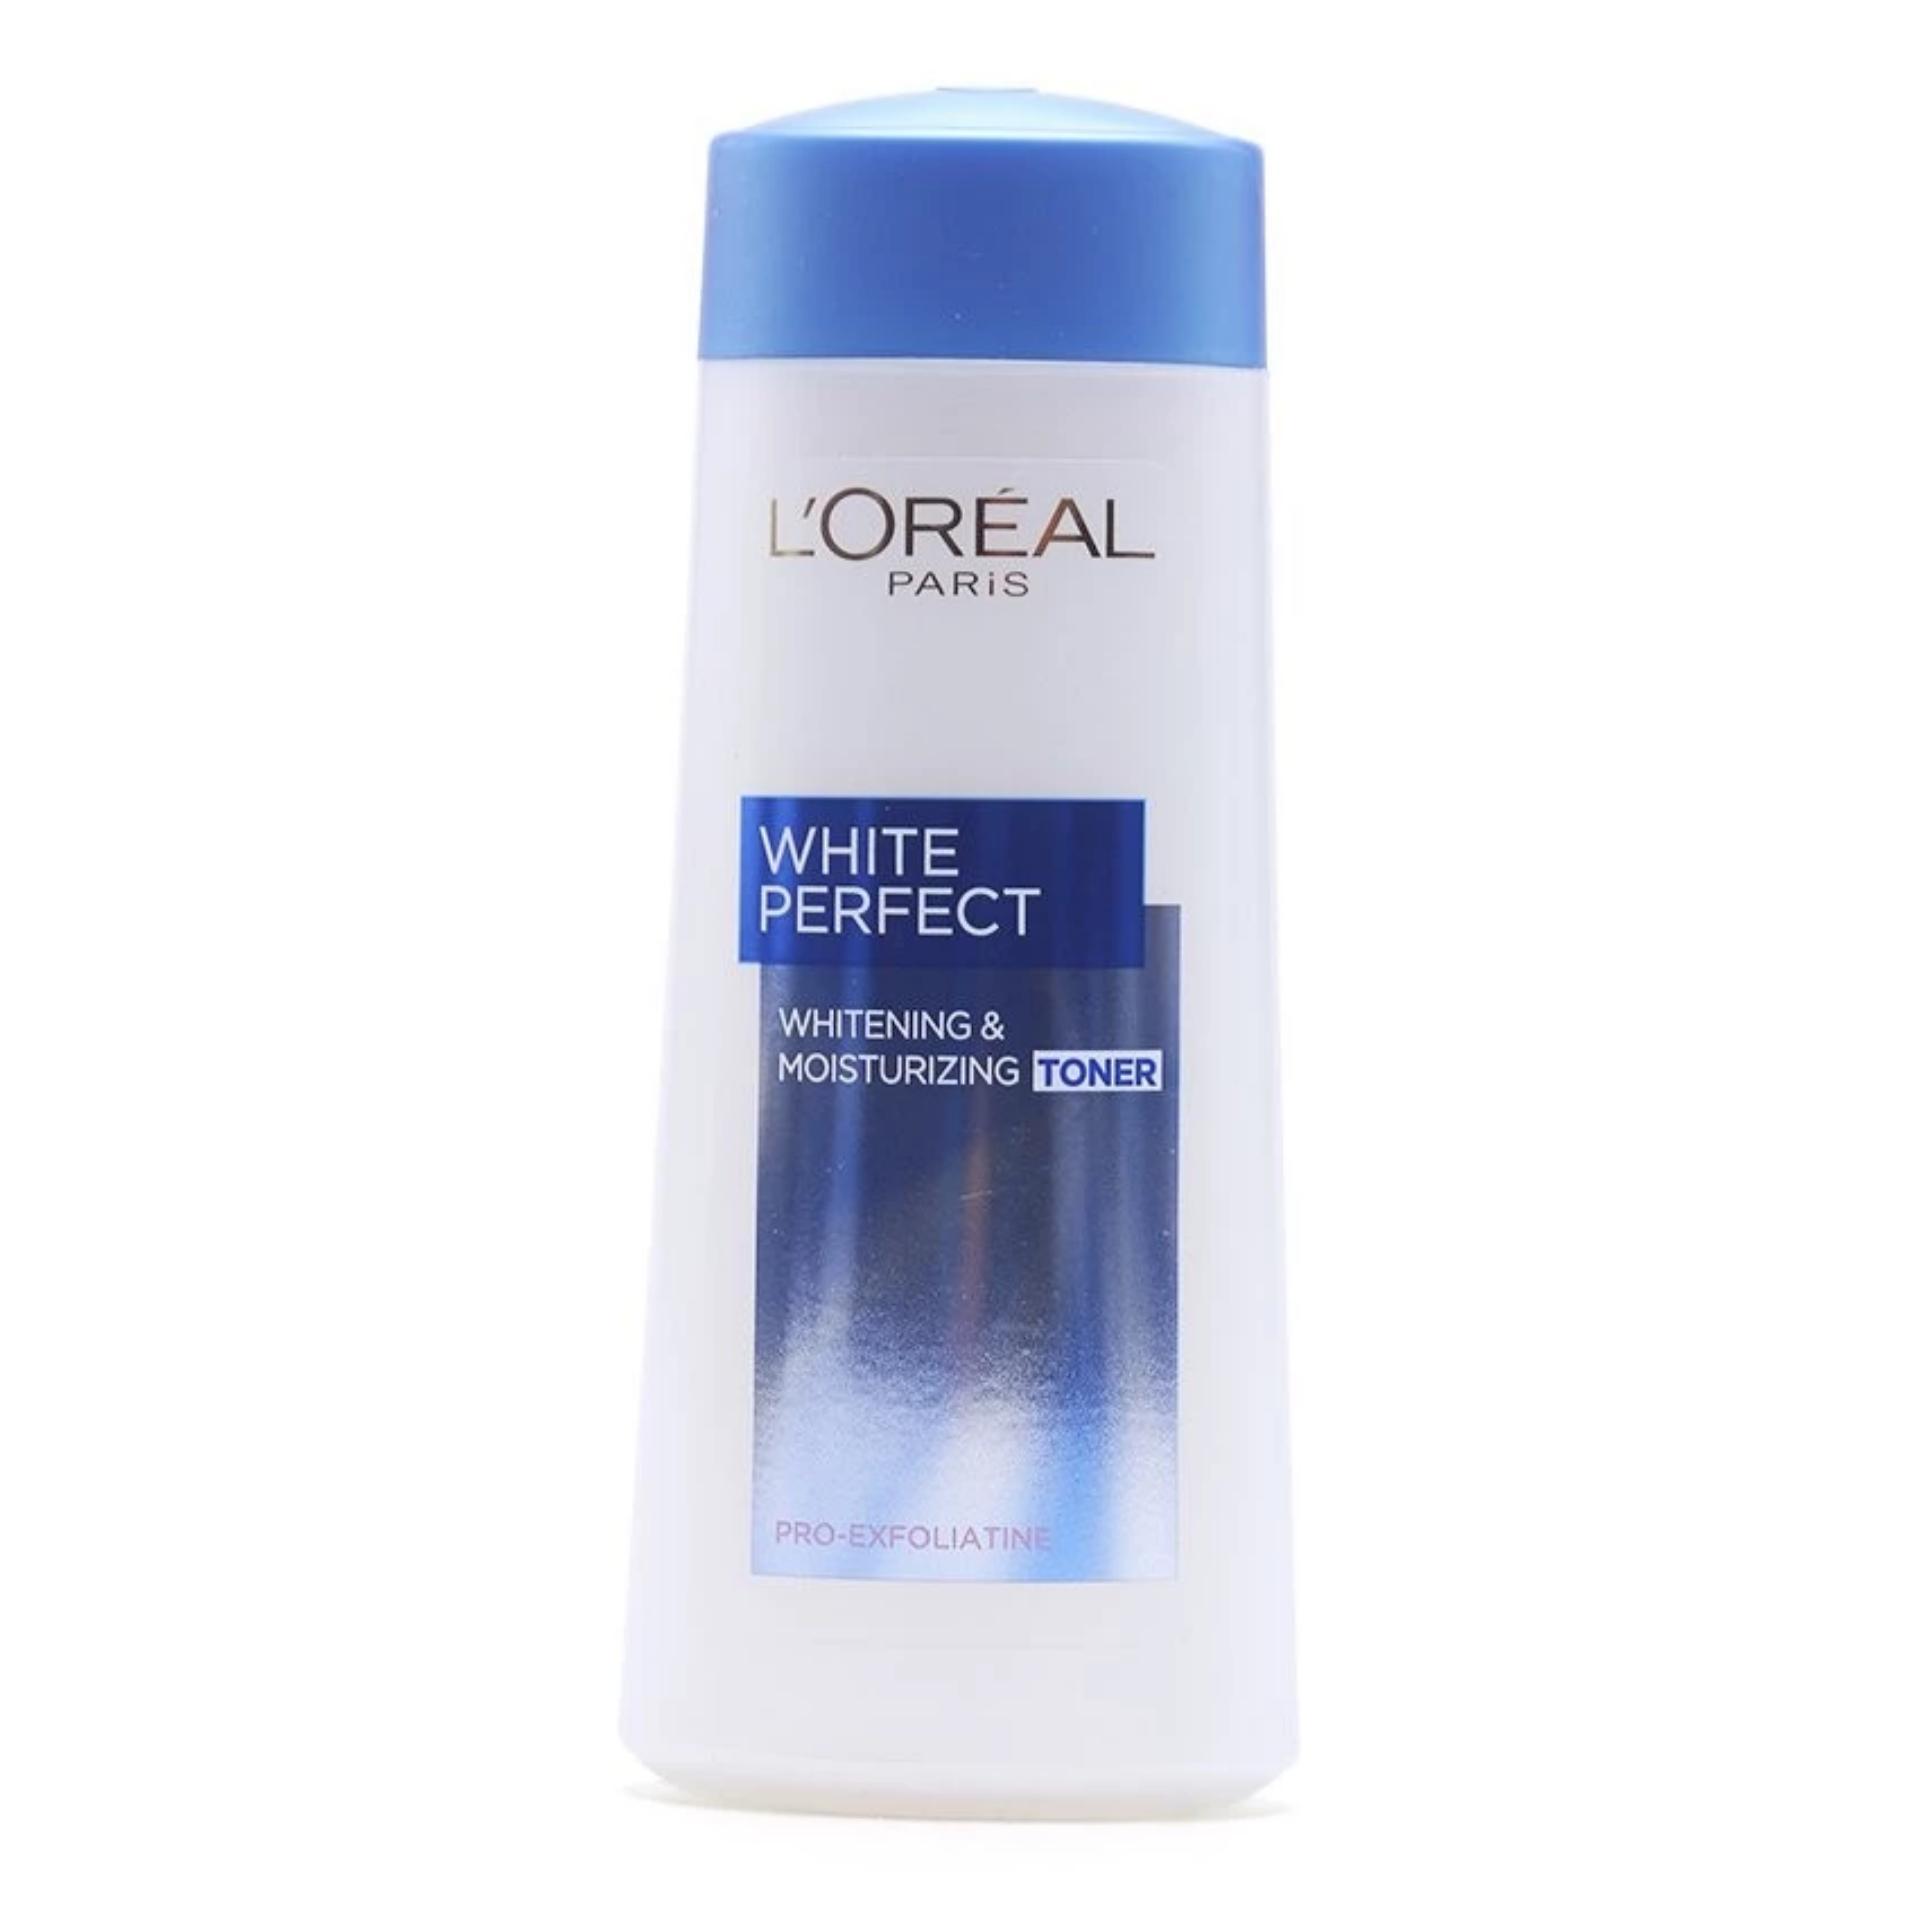 LOREAL - NƯỚC HOA HỒNG WHITE PERFECT 200ML